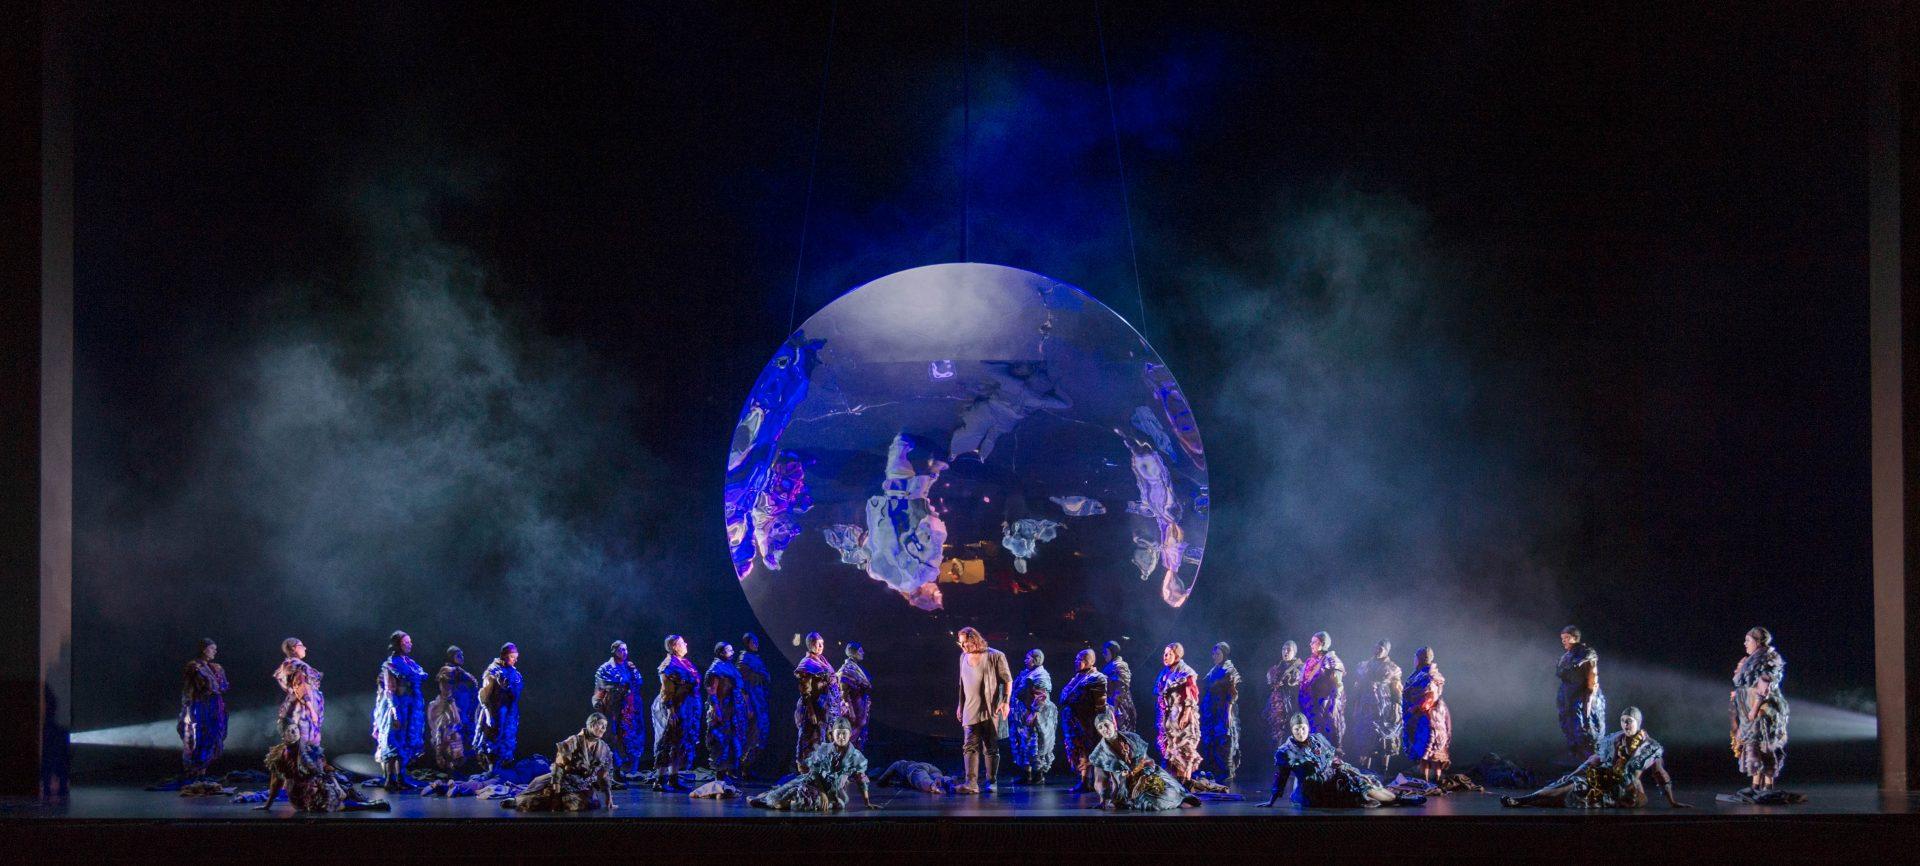 Christopher Ventris (Parsifal), Koor van de Nationale Opera